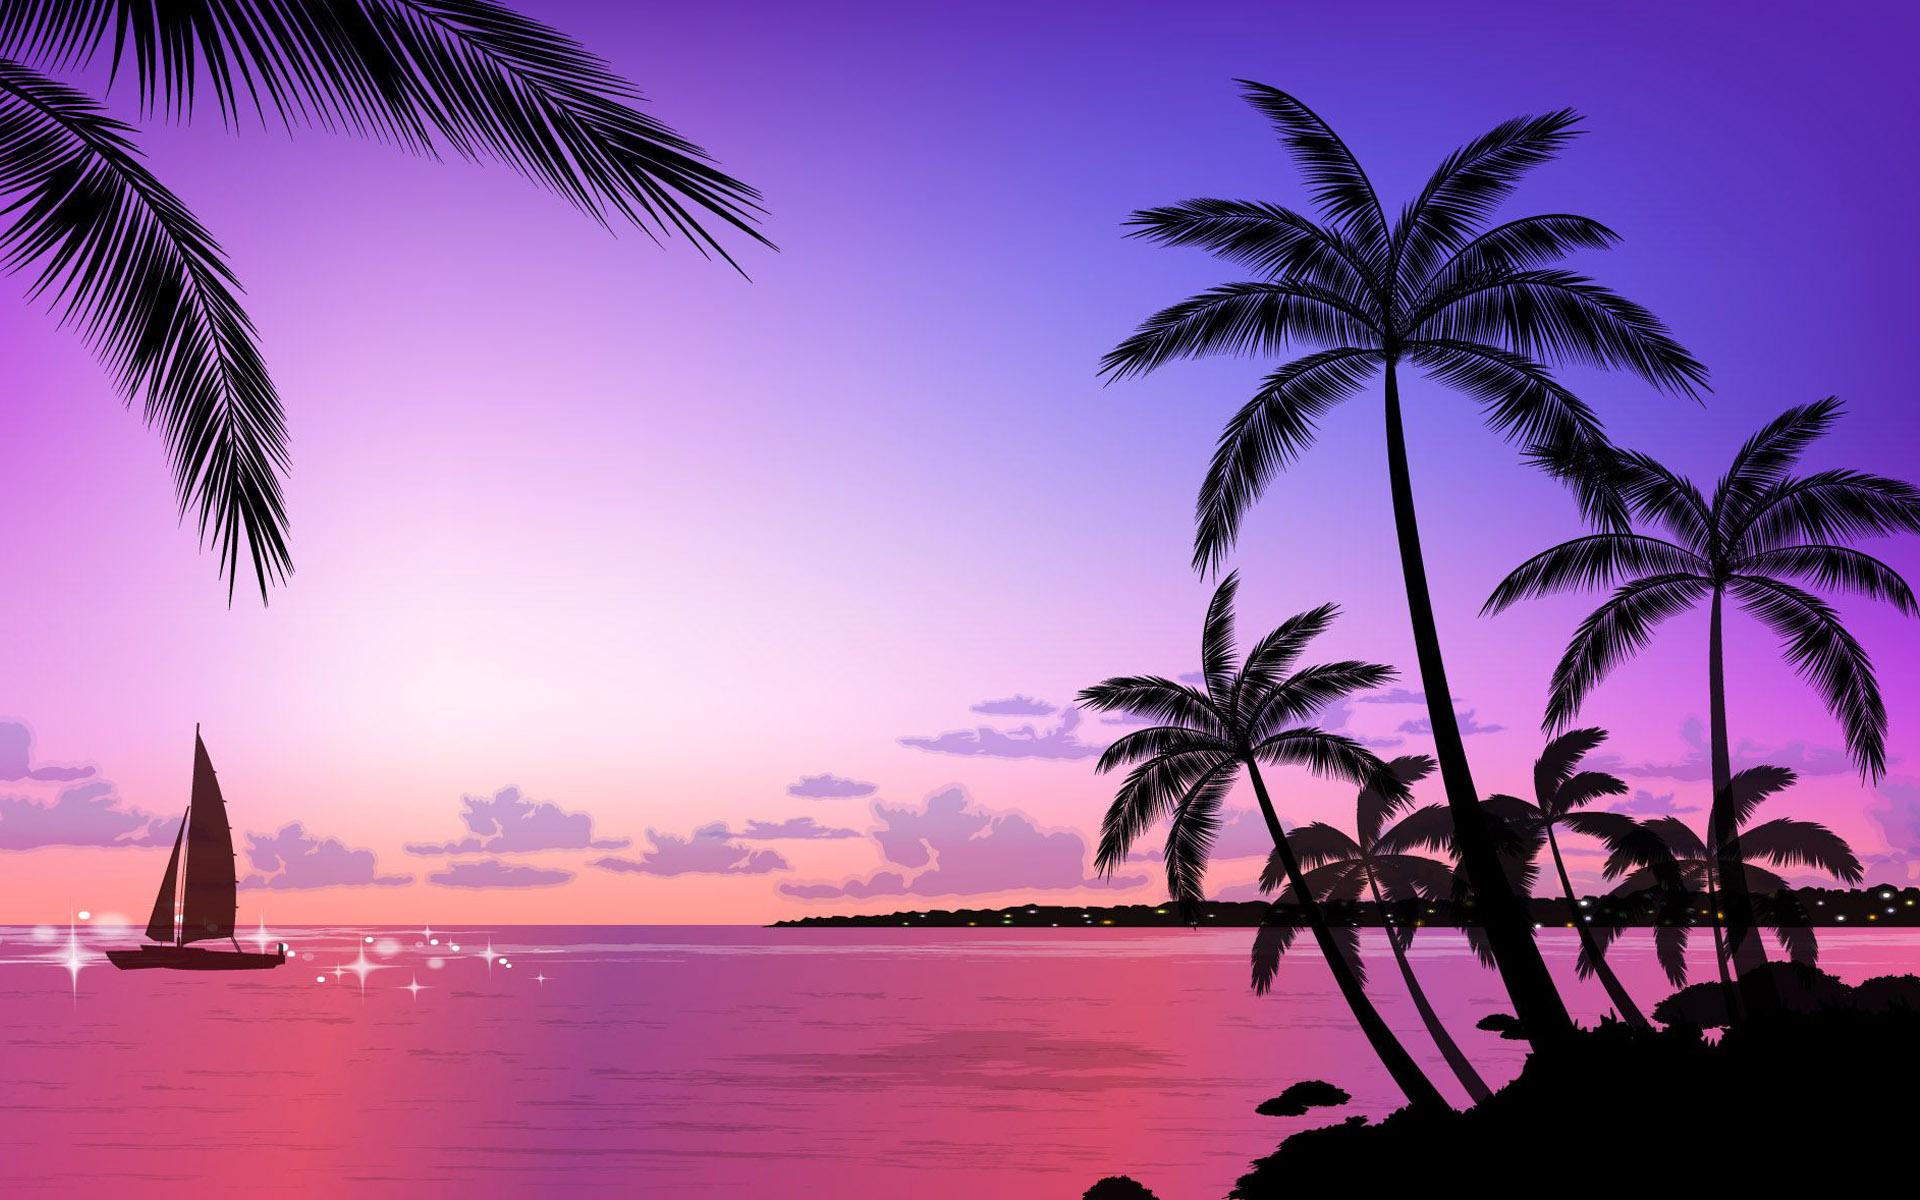 Tropical Beach Sunset Wallpaper - HD Wallpaper